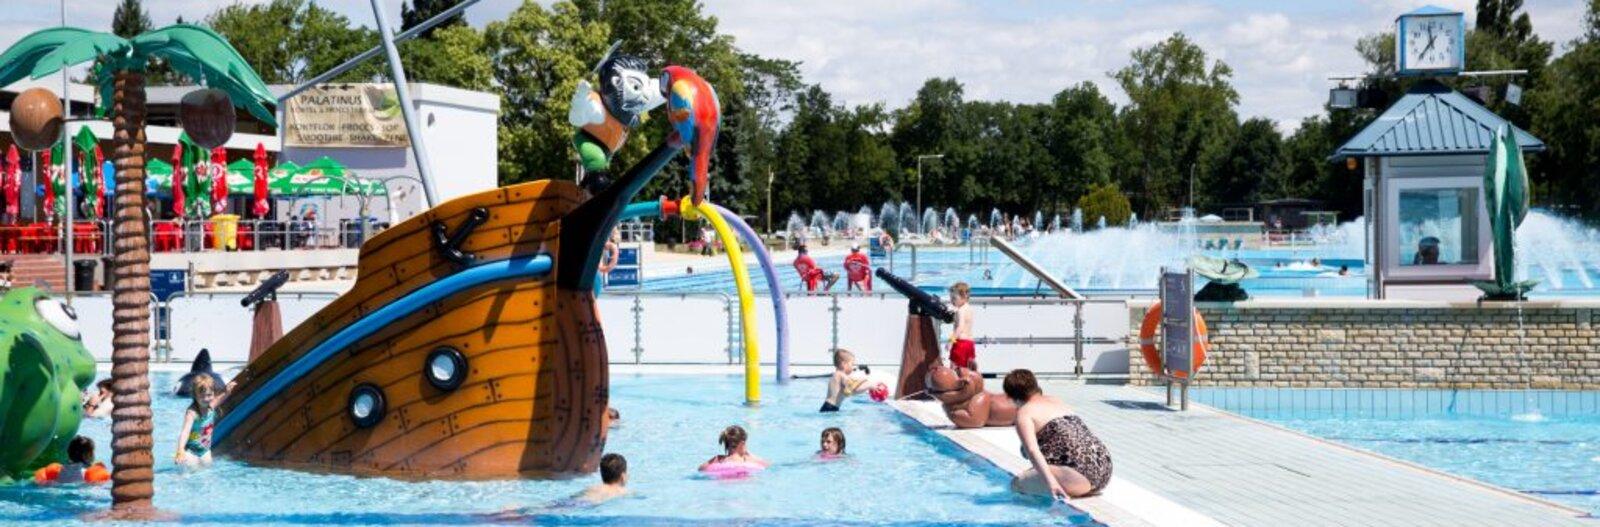 5 budapesti strand és fürdő, ahol a gyerekeket is szuper medencék, izgalmas csúszdák és játékok várják